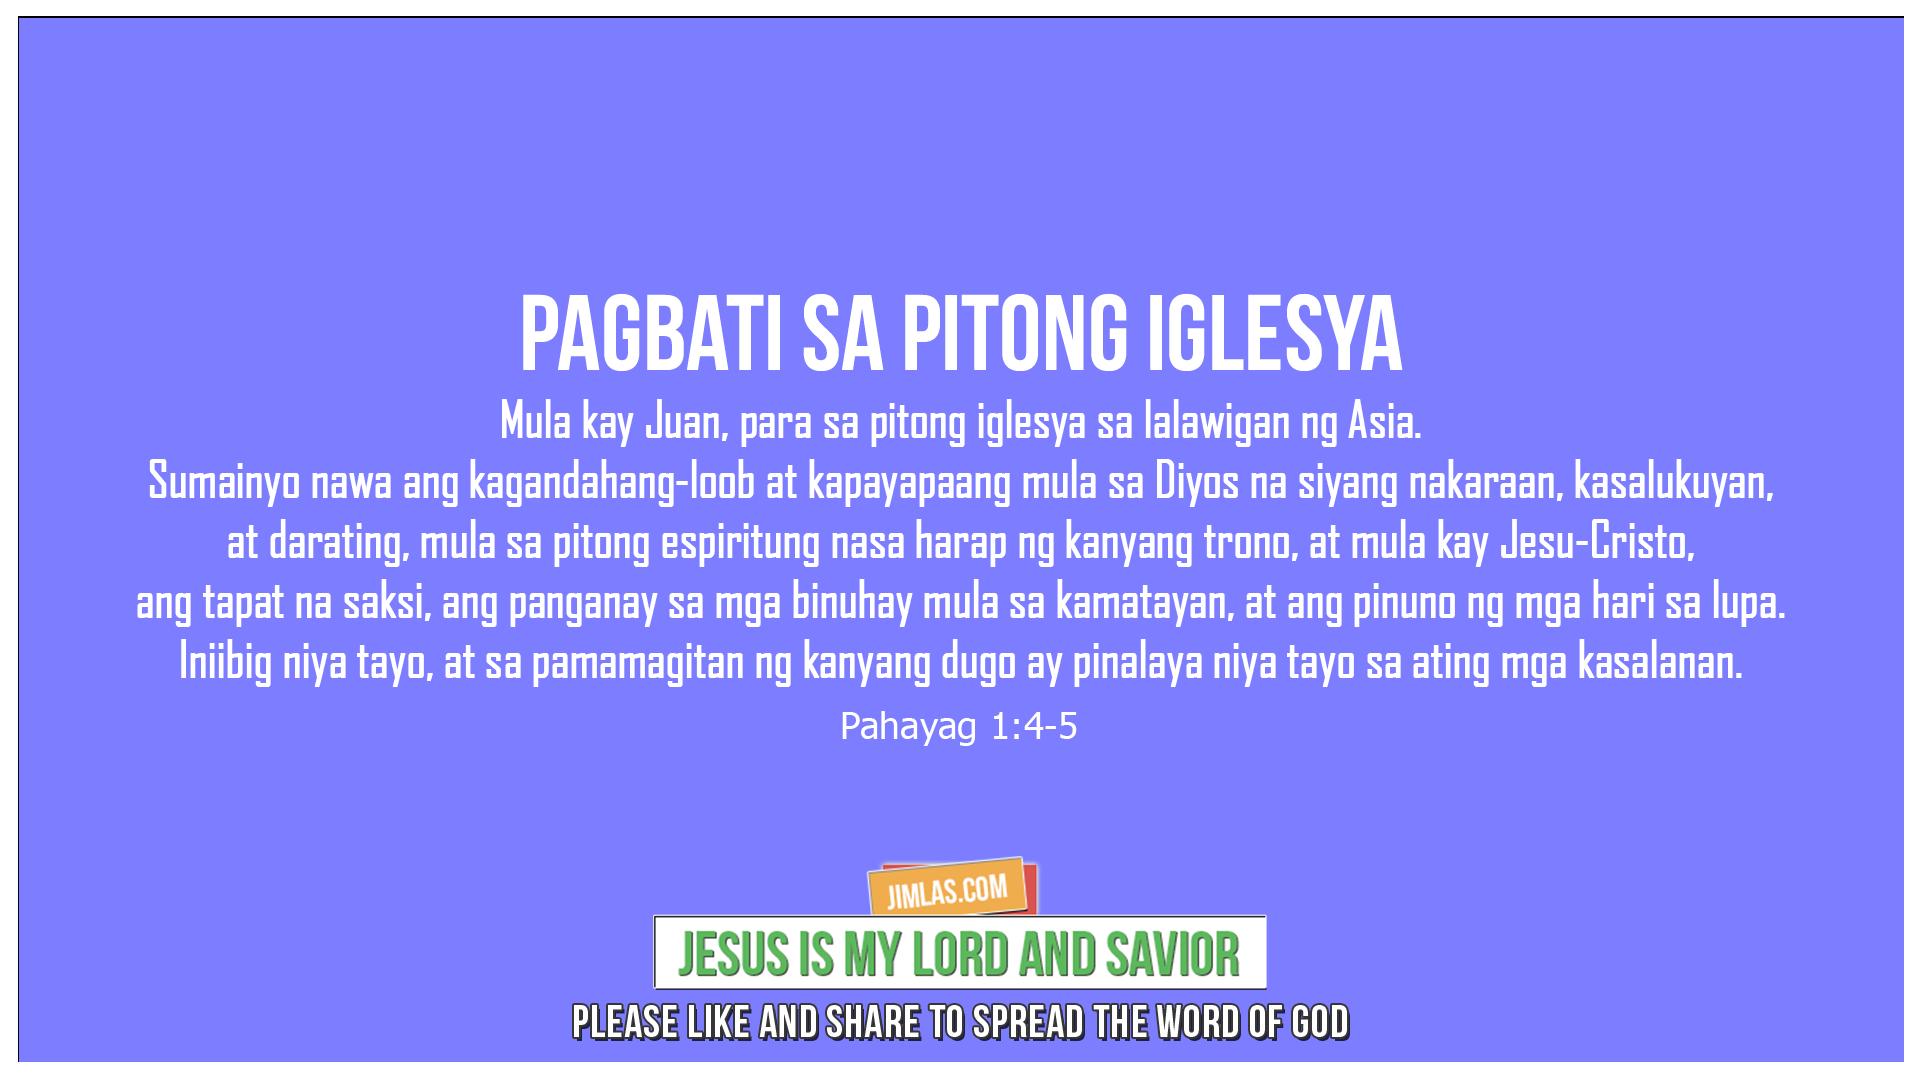 Pahayag 1:4-5, Pahayag 1:4-5